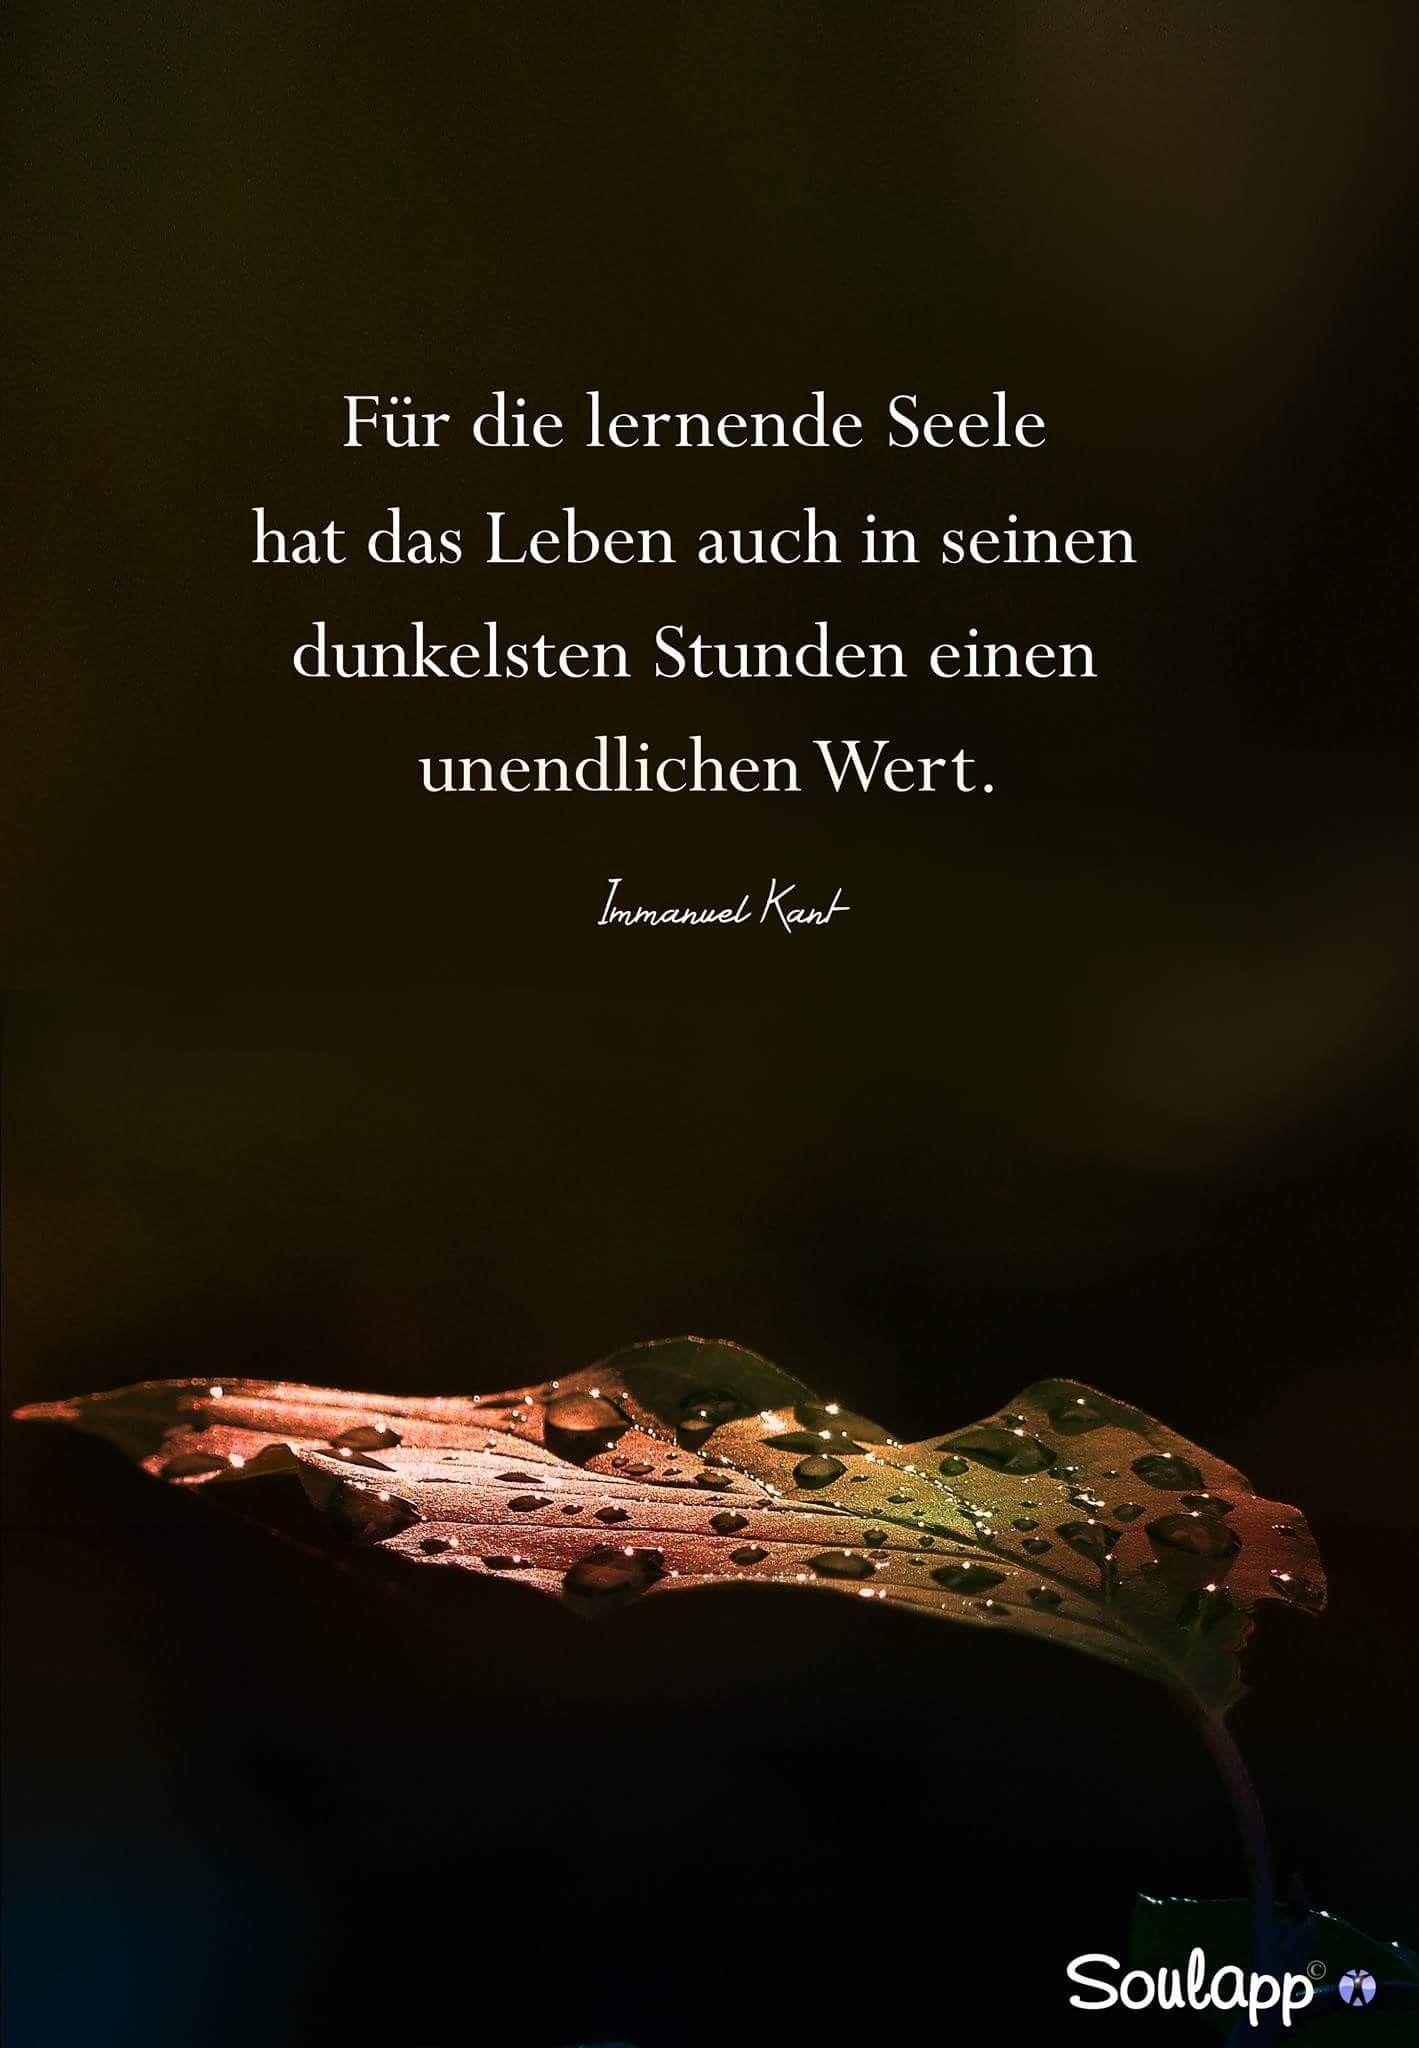 Für die lernende Seele hat das Leben auch in seinen dunkelsten Stunden einen unendlichen Wert. - Immanuel Kant Sprüche / Zitate / Quotes / Wachstum / Erkenntnis